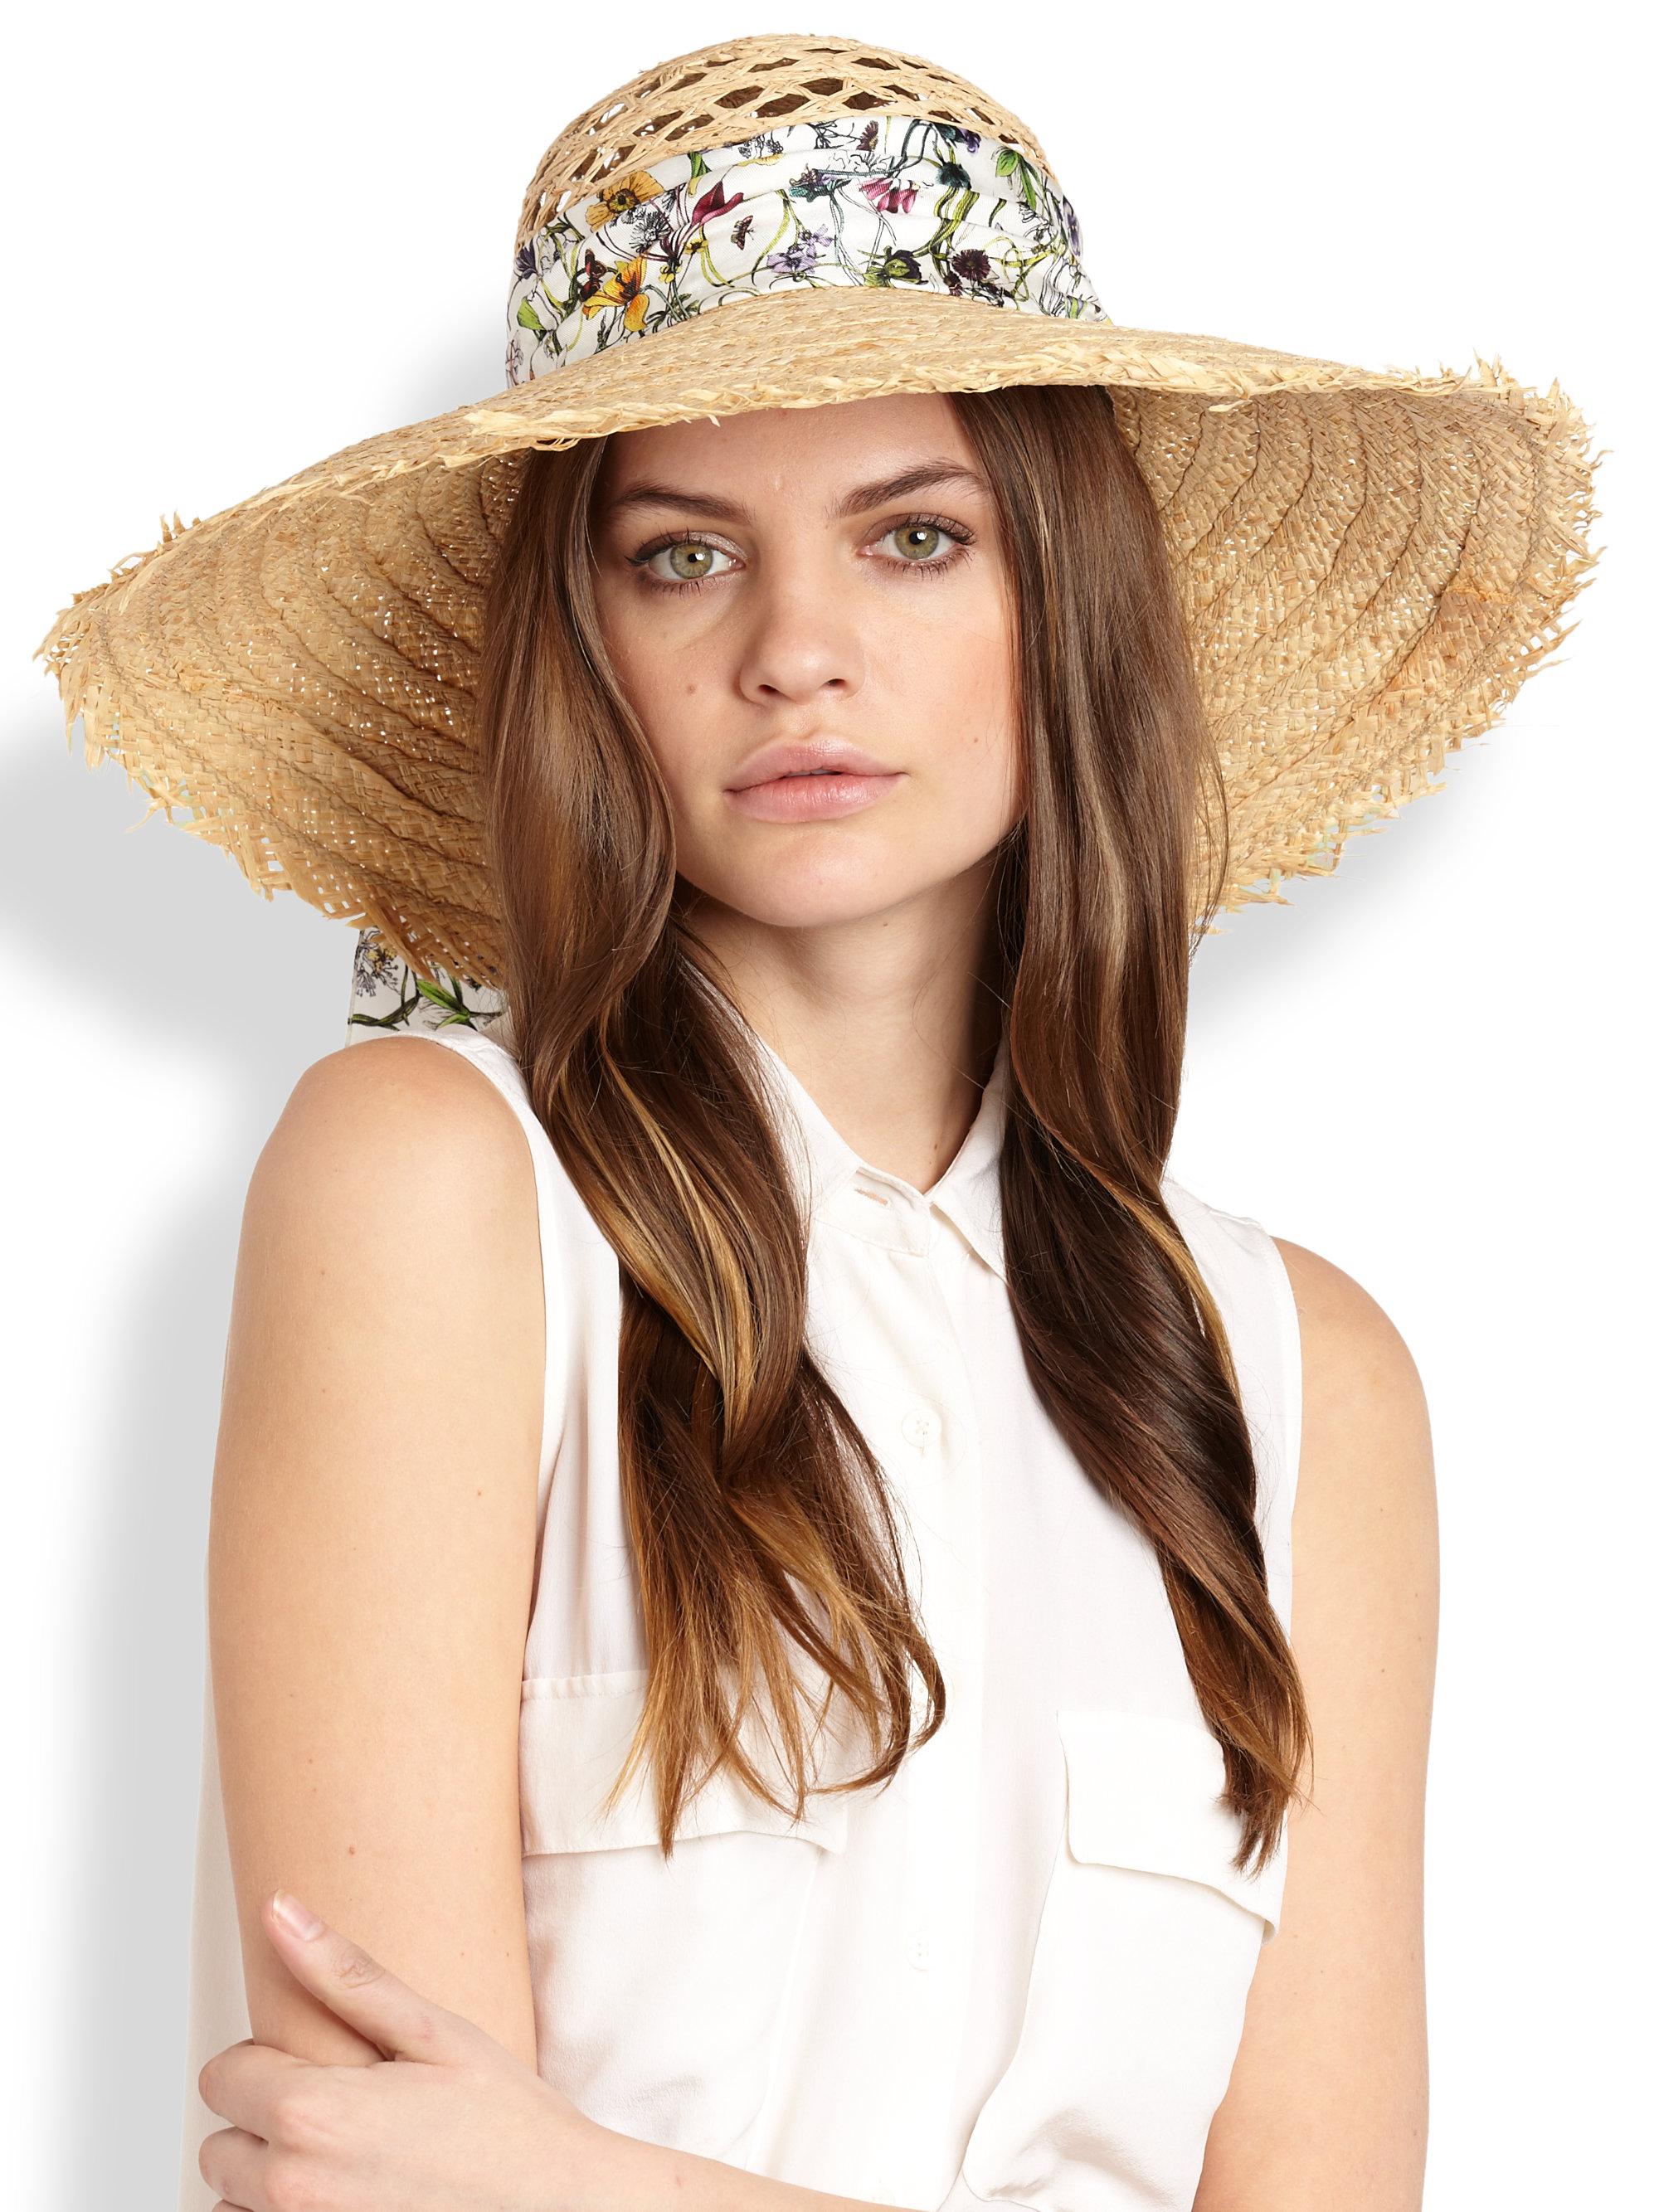 Žena so slameným klobúkom na hlave